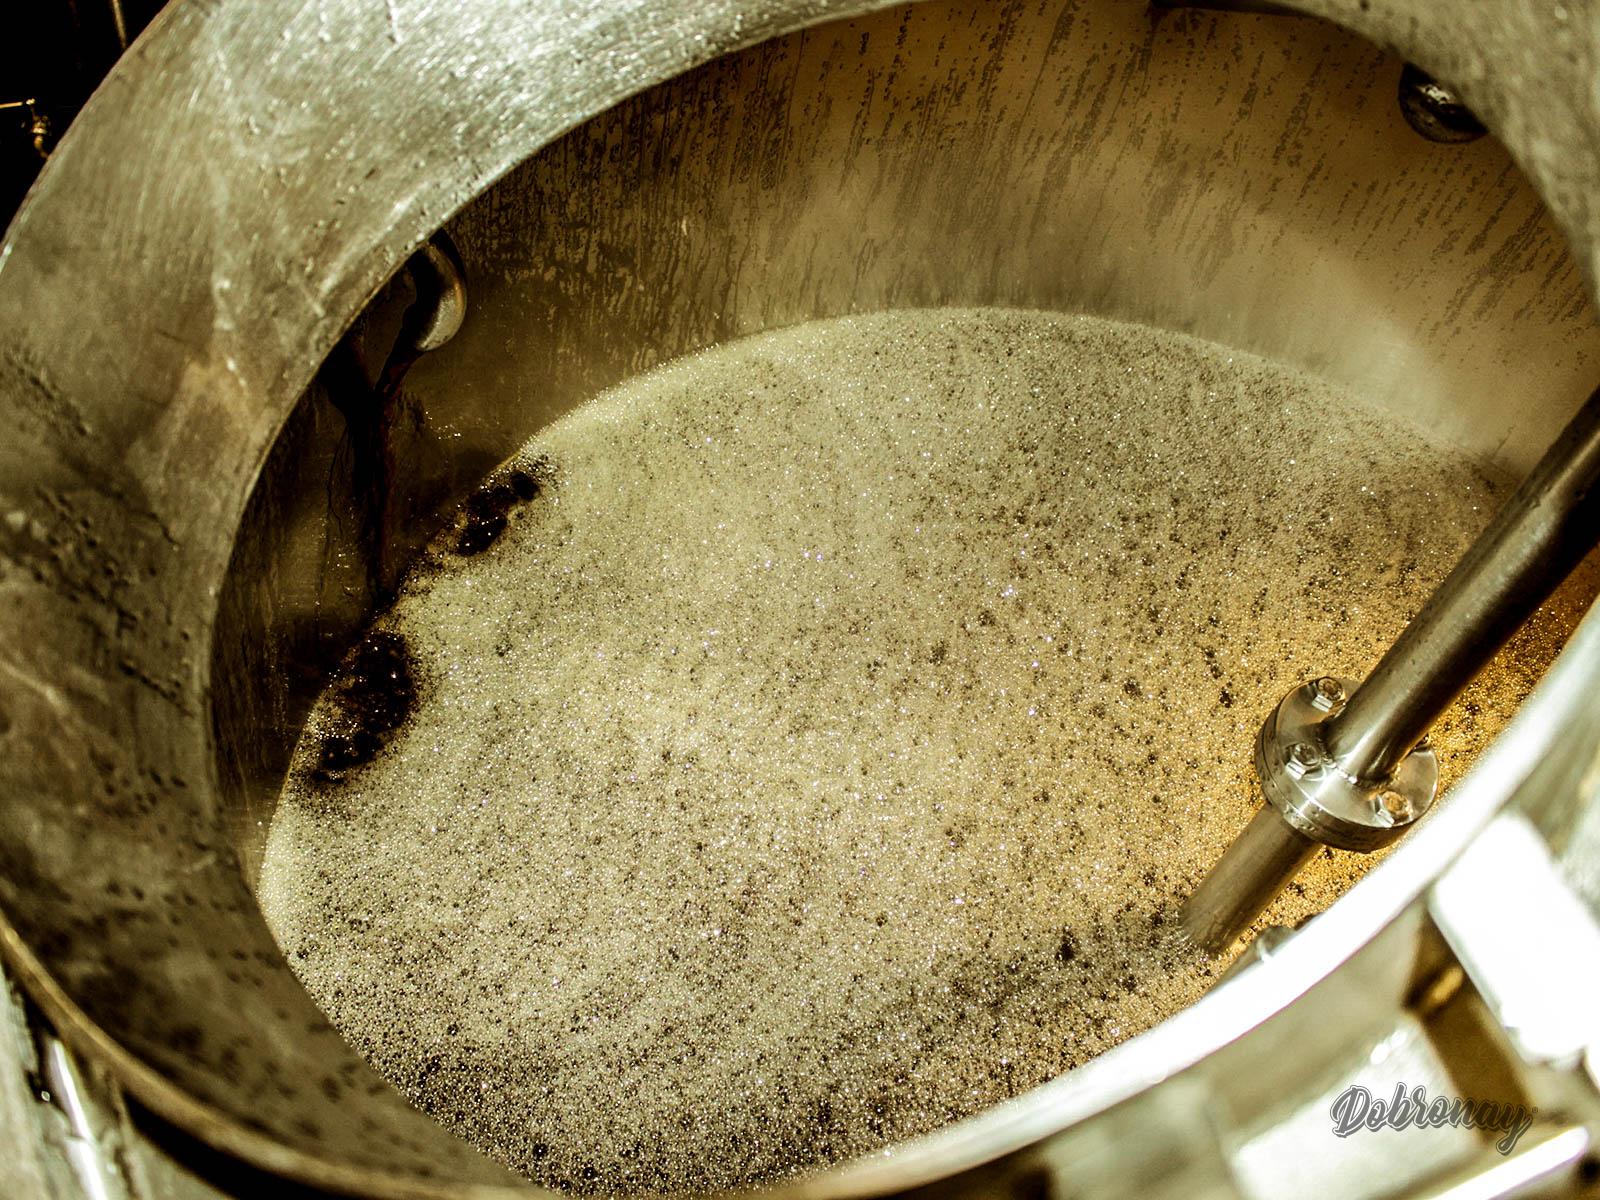 Scedzovanie a napúšťanie sladinky do varnej nádoby